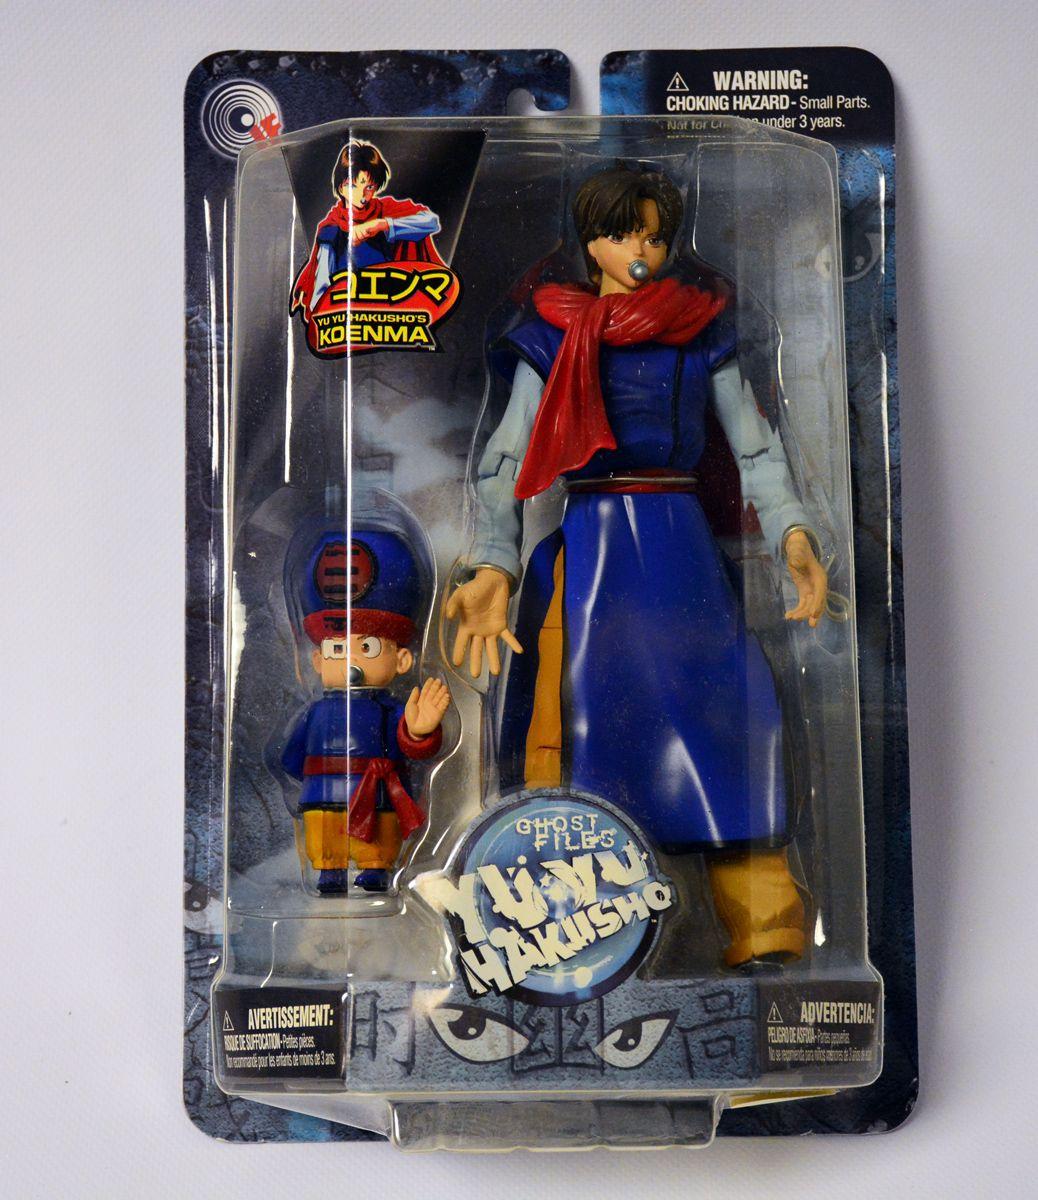 Koenma Series 2 Yu Yu Hakusho Action Figure